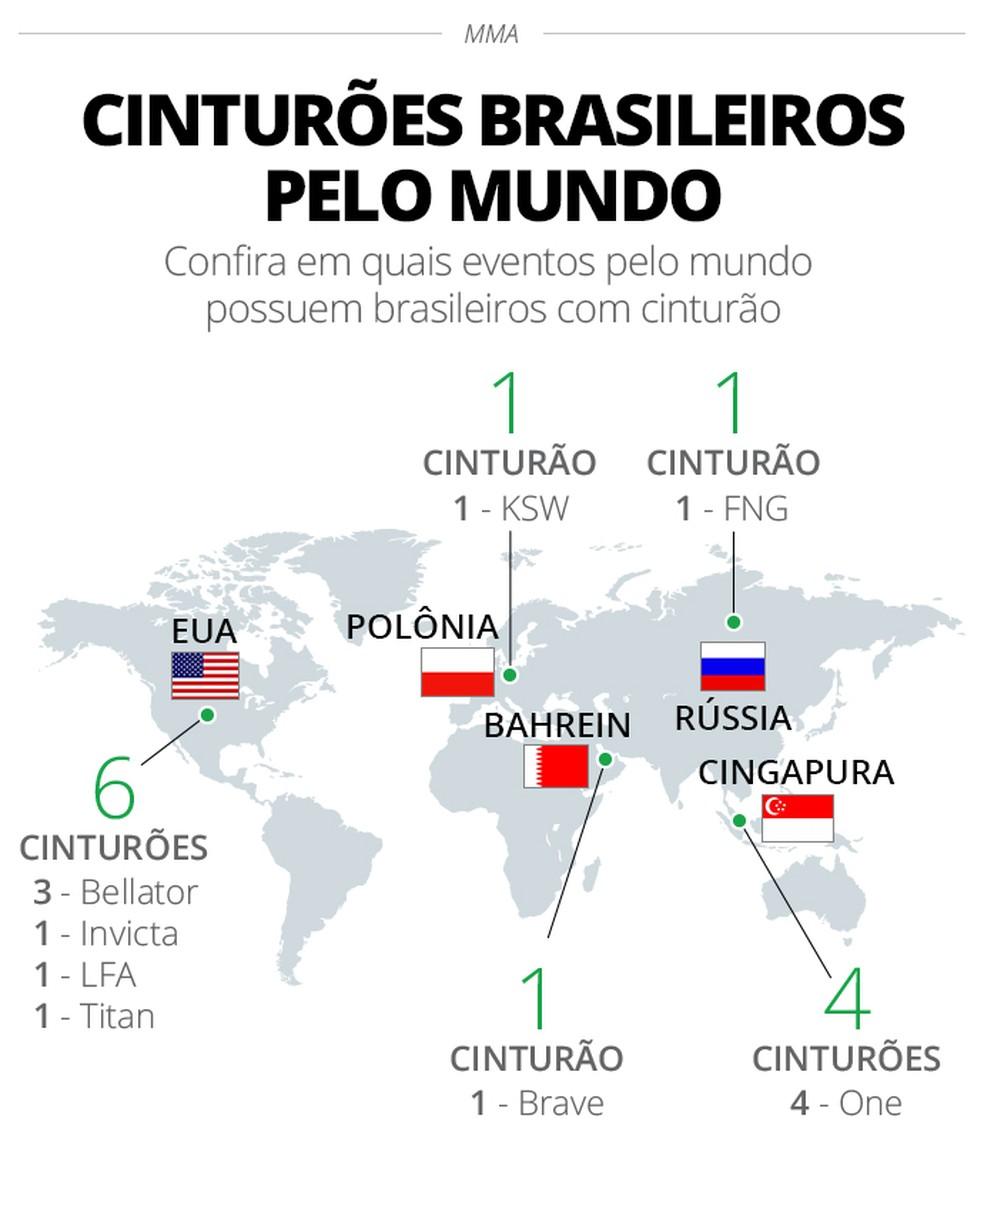 O Brasil possui 13 cinturões de MMA em eventos espalhados pelo mundo, sem contar o UFC (Foto: Infoesporte)